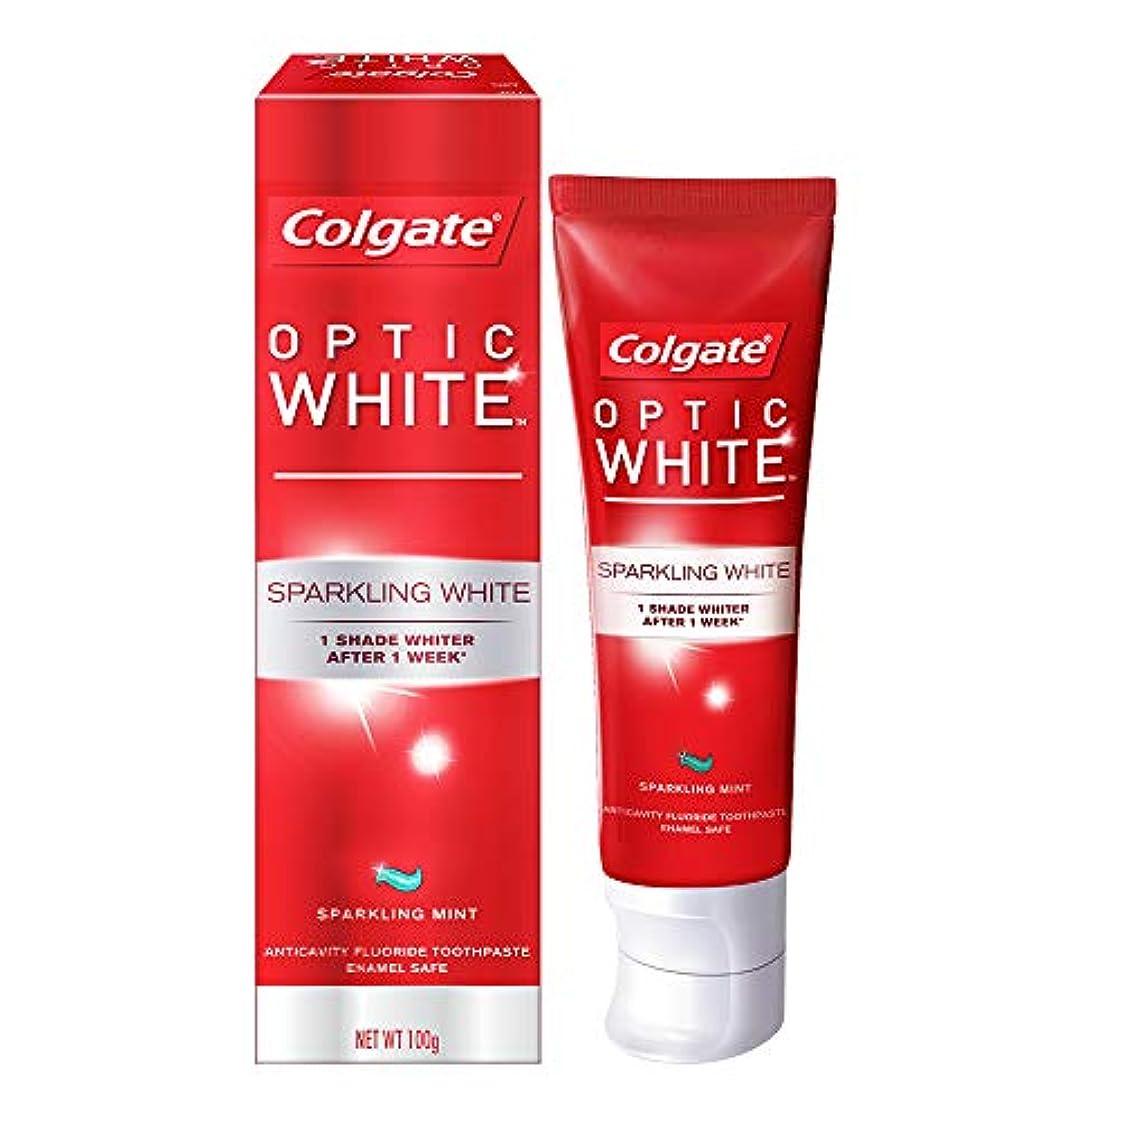 スパイラル深める実際のコールゲート オプティック ホワイト スパークリングシャイン 100g 歯磨き粉 Colgate Optic White Sparkling Shine 100g Tooth Paste